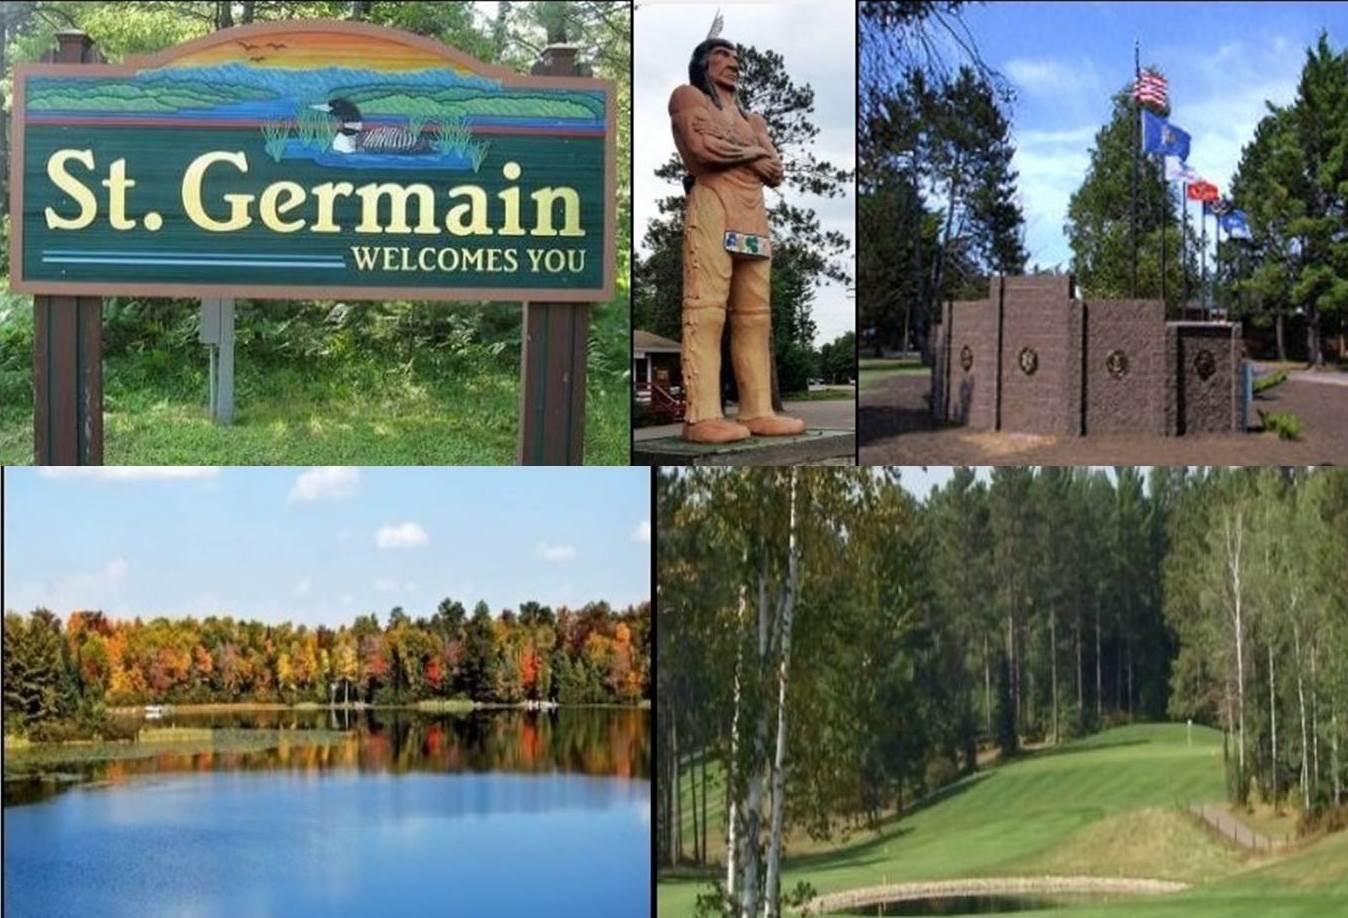 st germain wi 54558